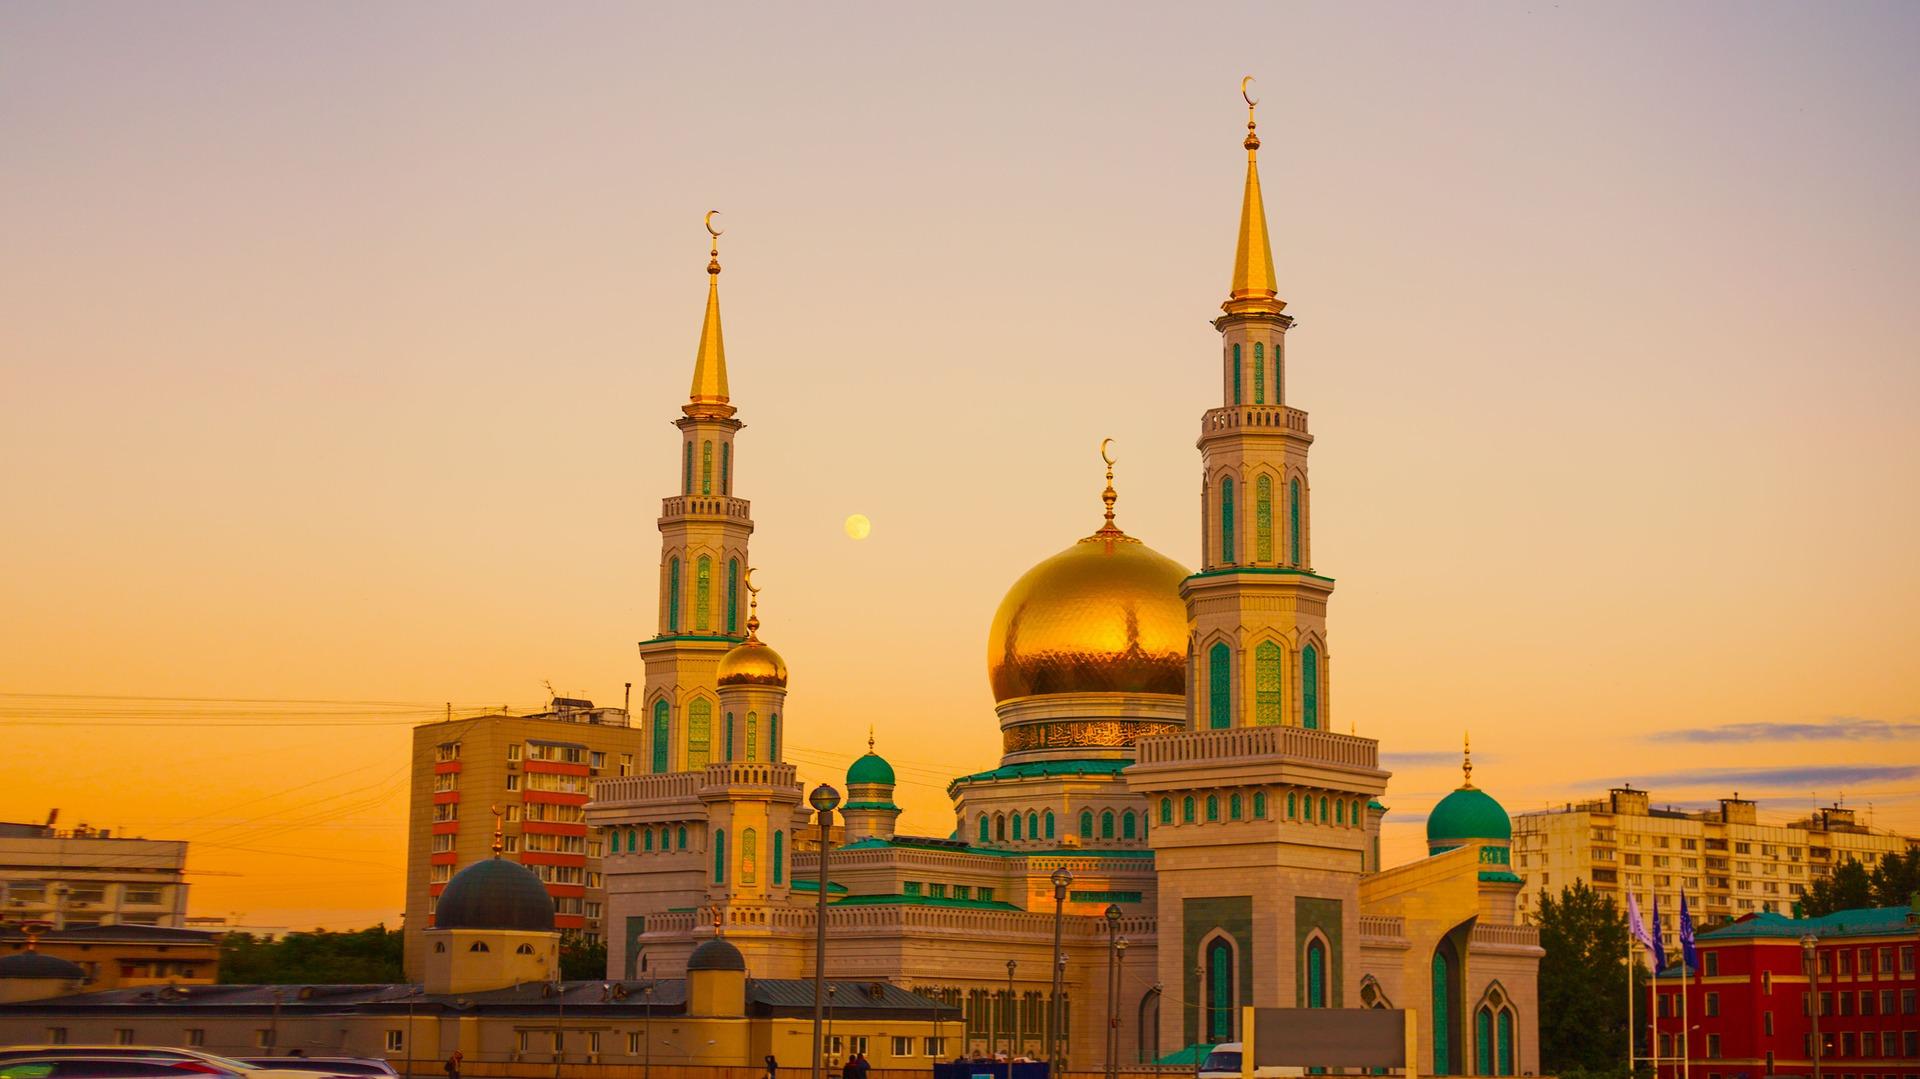 ¿Qué ciudades debes visitar en Rusia?